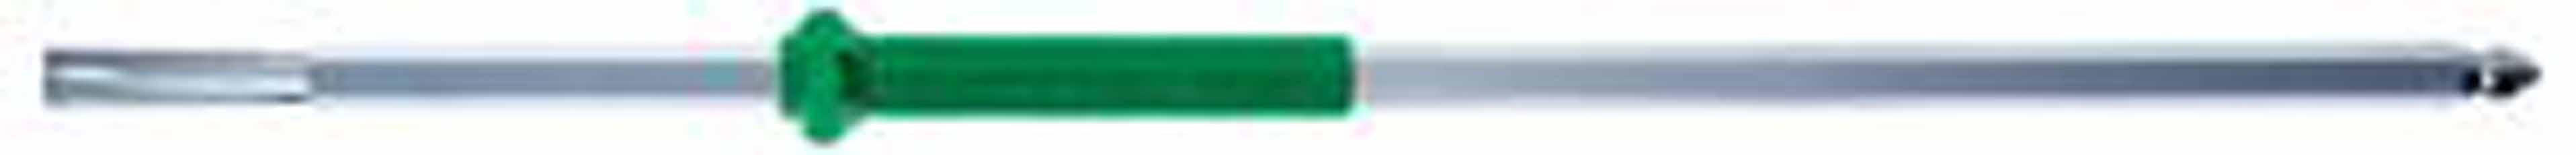 Zeskantstiftsleutel Torx T5 WIHA 26158